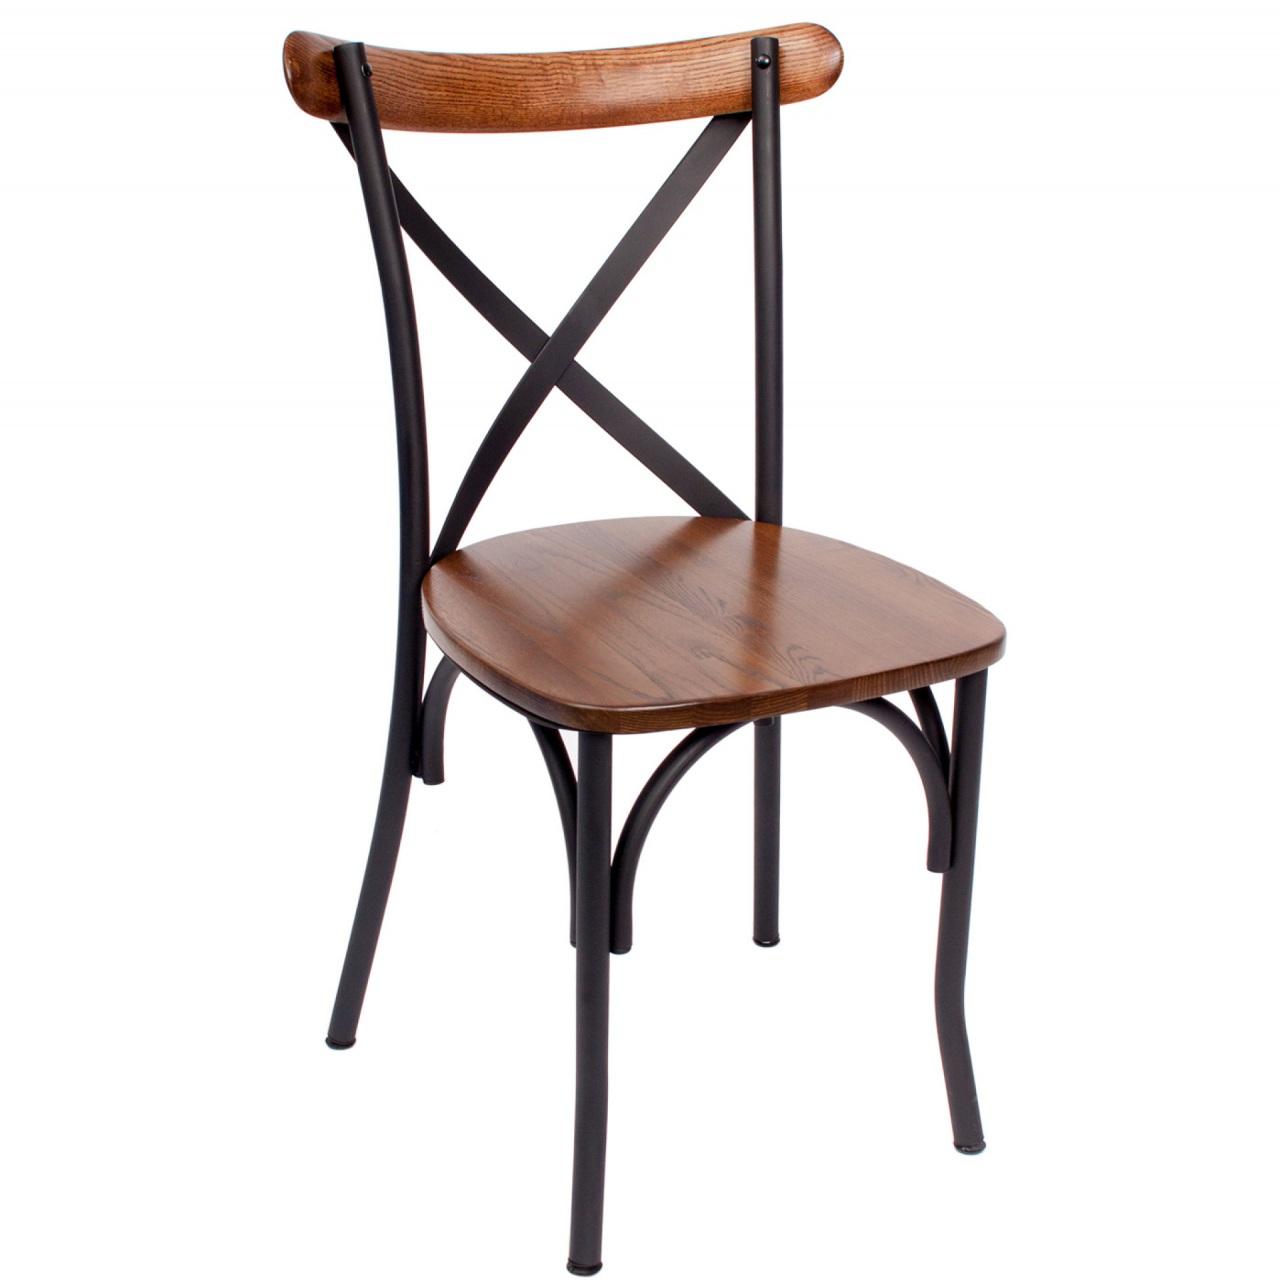 BFM Seating